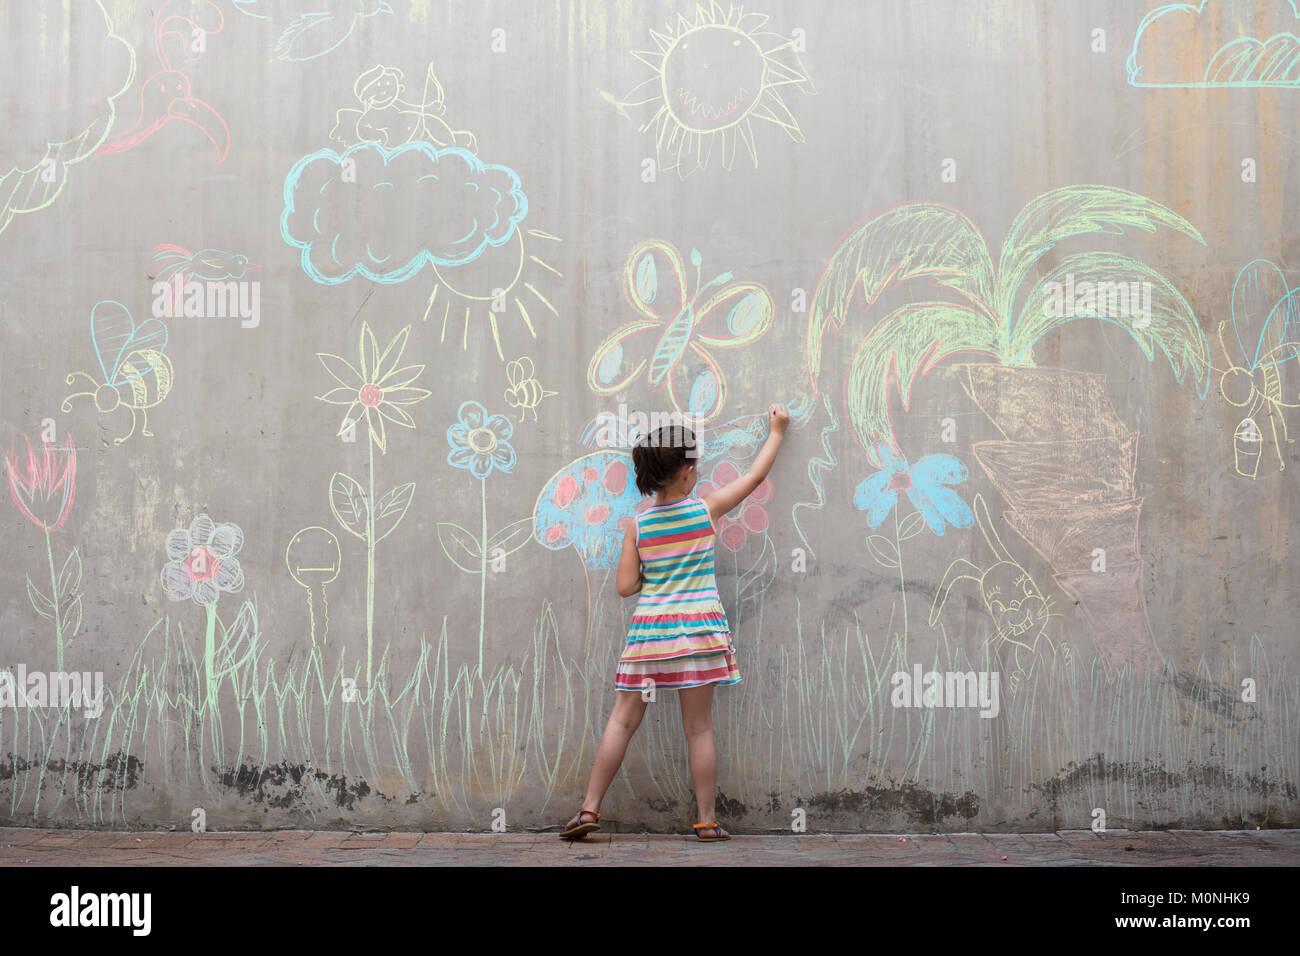 Chica coloridas imágenes de dibujo con tiza en una pared de hormigón Imagen De Stock